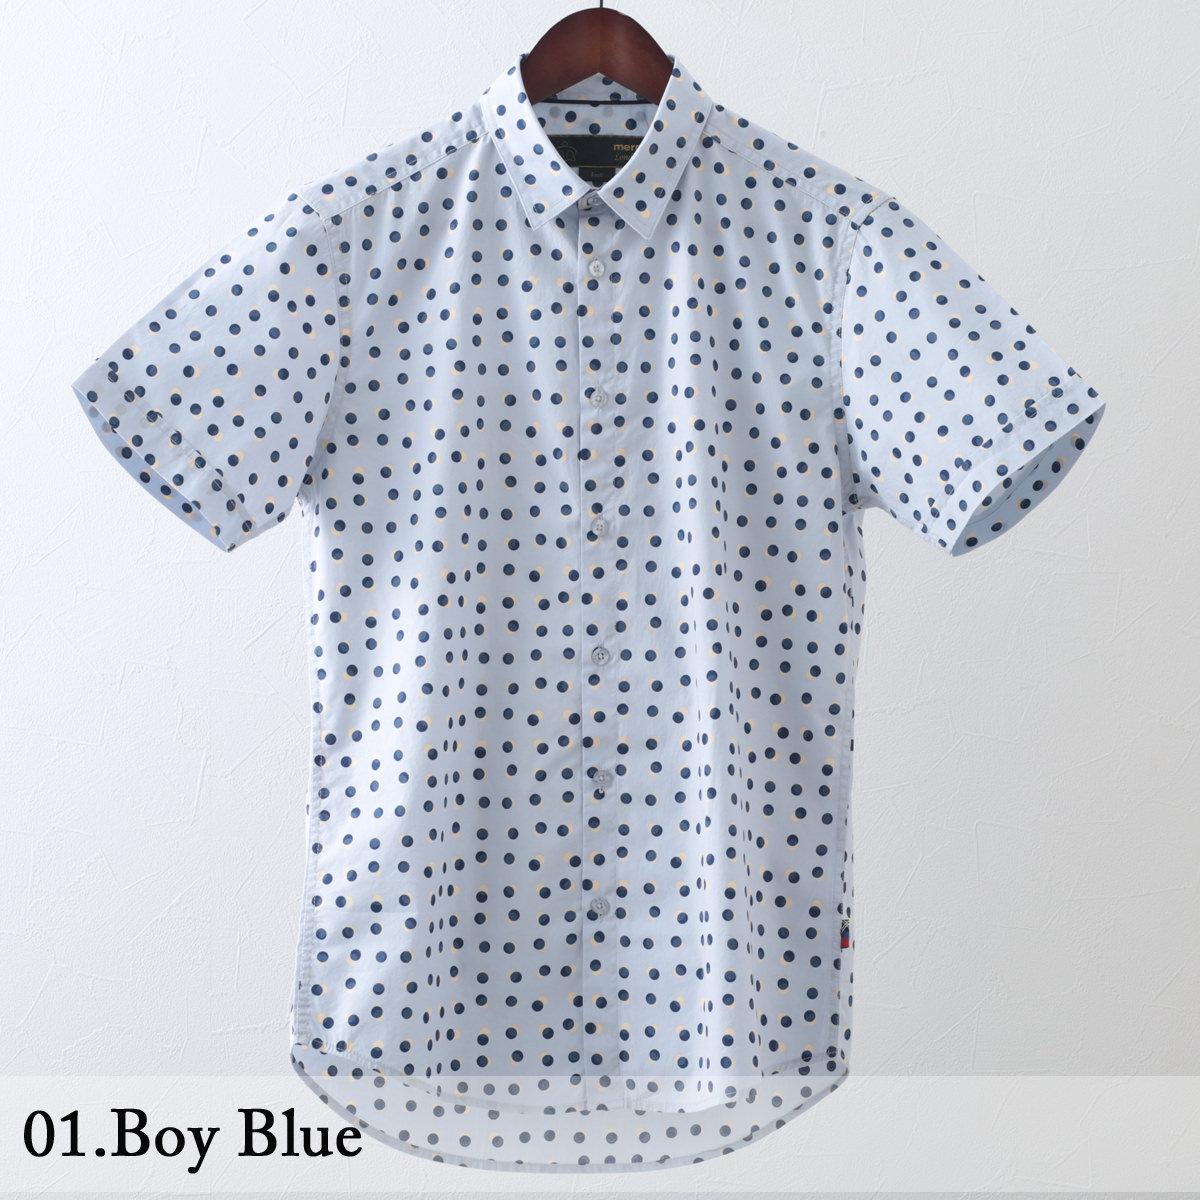 メルクロンドン メンズ 半袖シャツ 水玉 スポット Merc London 2色 ボーイブルー ブライトブルー モッズファッション